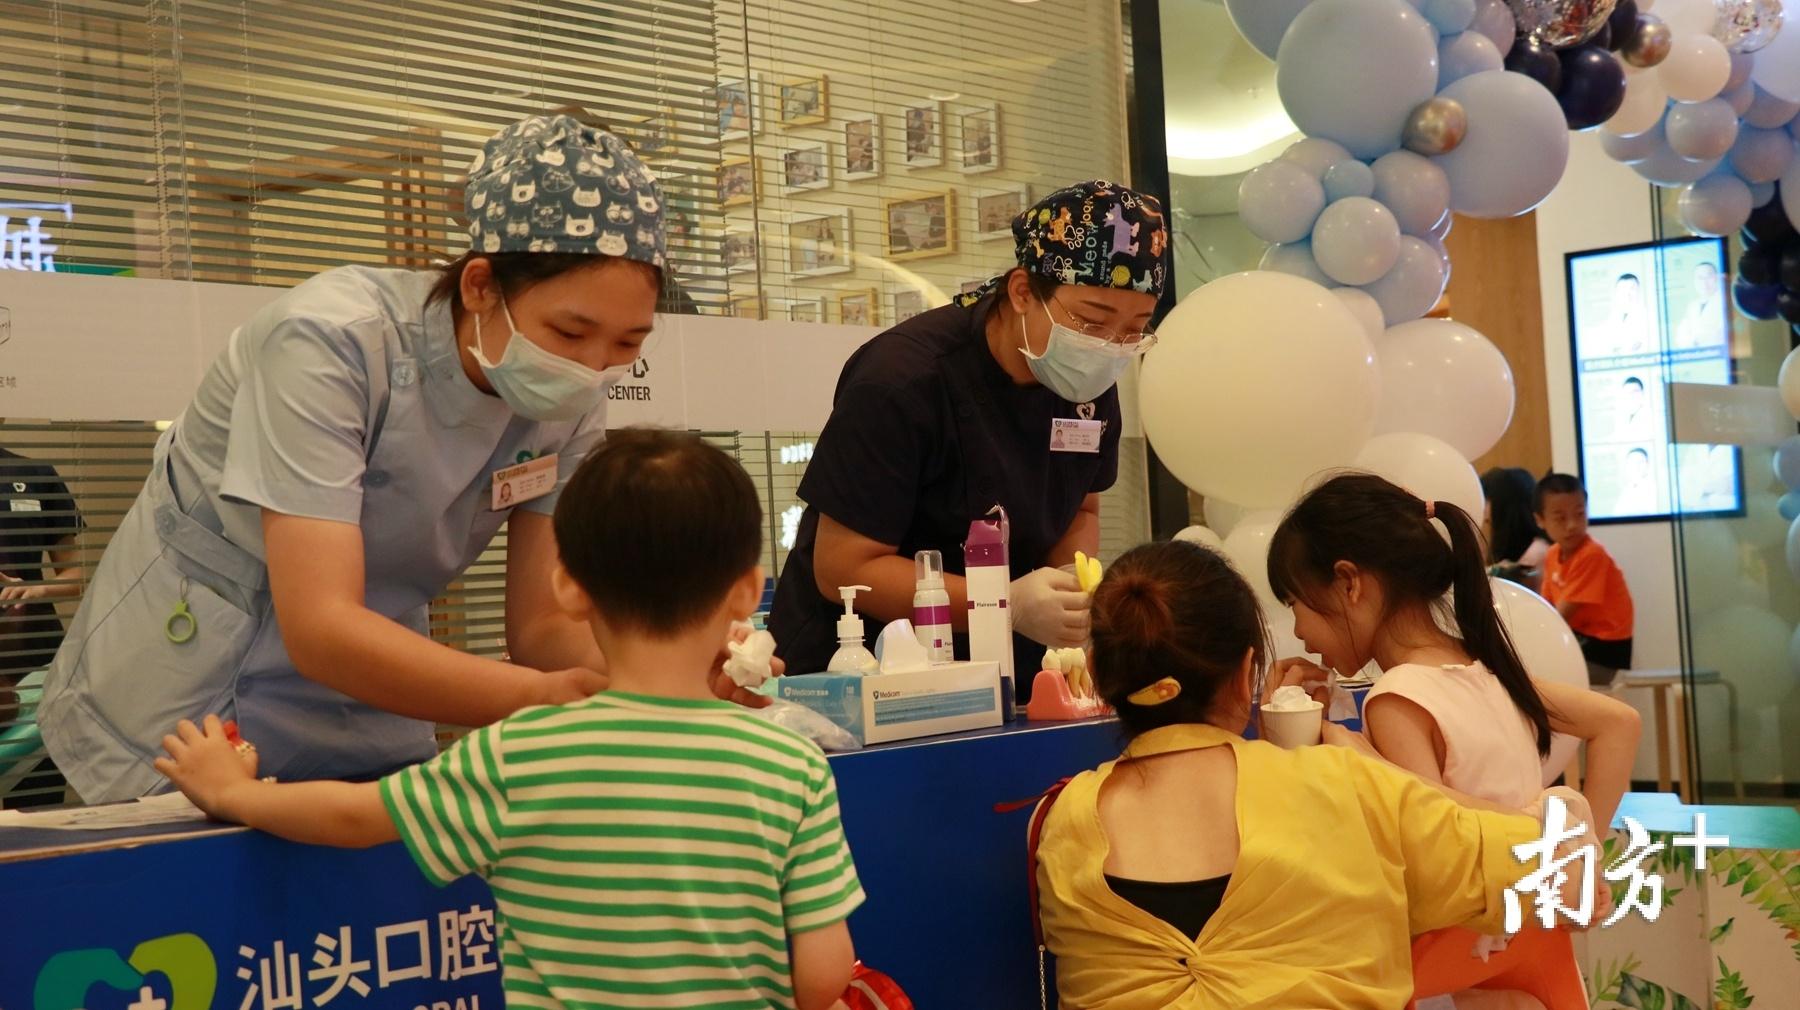 医护人员现场为小朋友讲解爱牙知识。